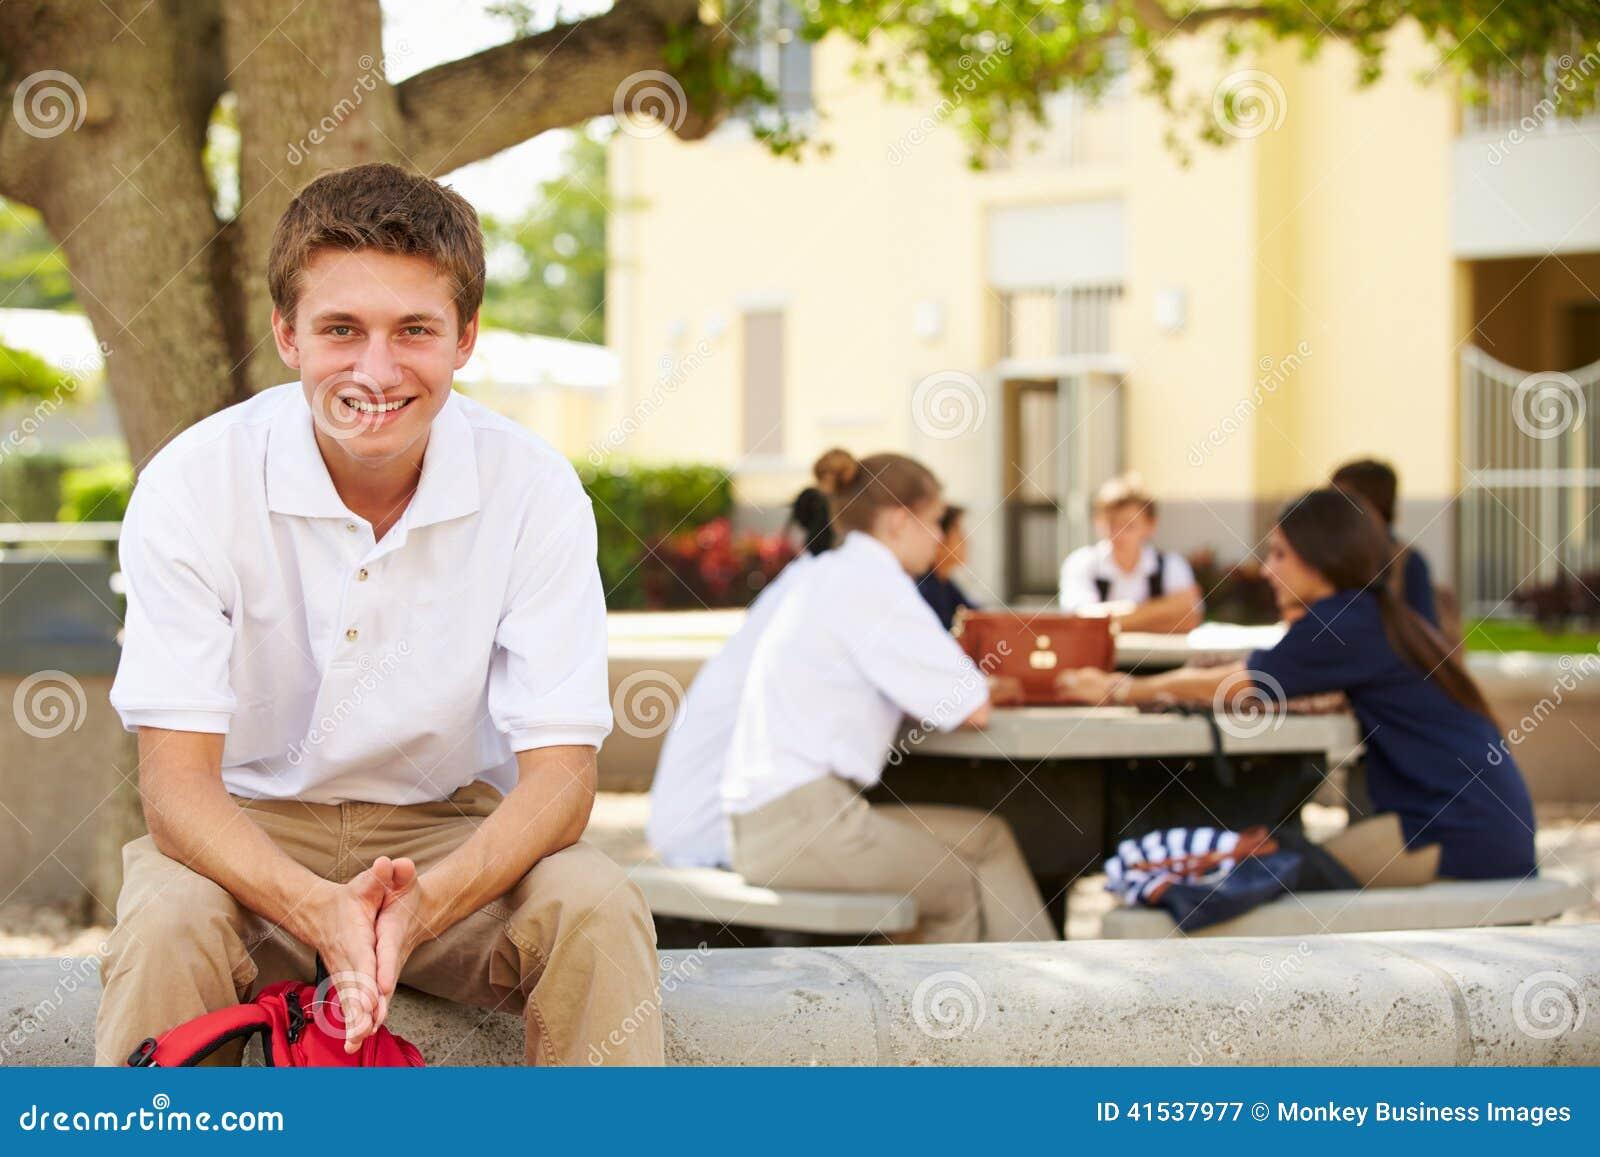 Portret van Mannelijke Middelbare schoolstudent Wearing Unifo